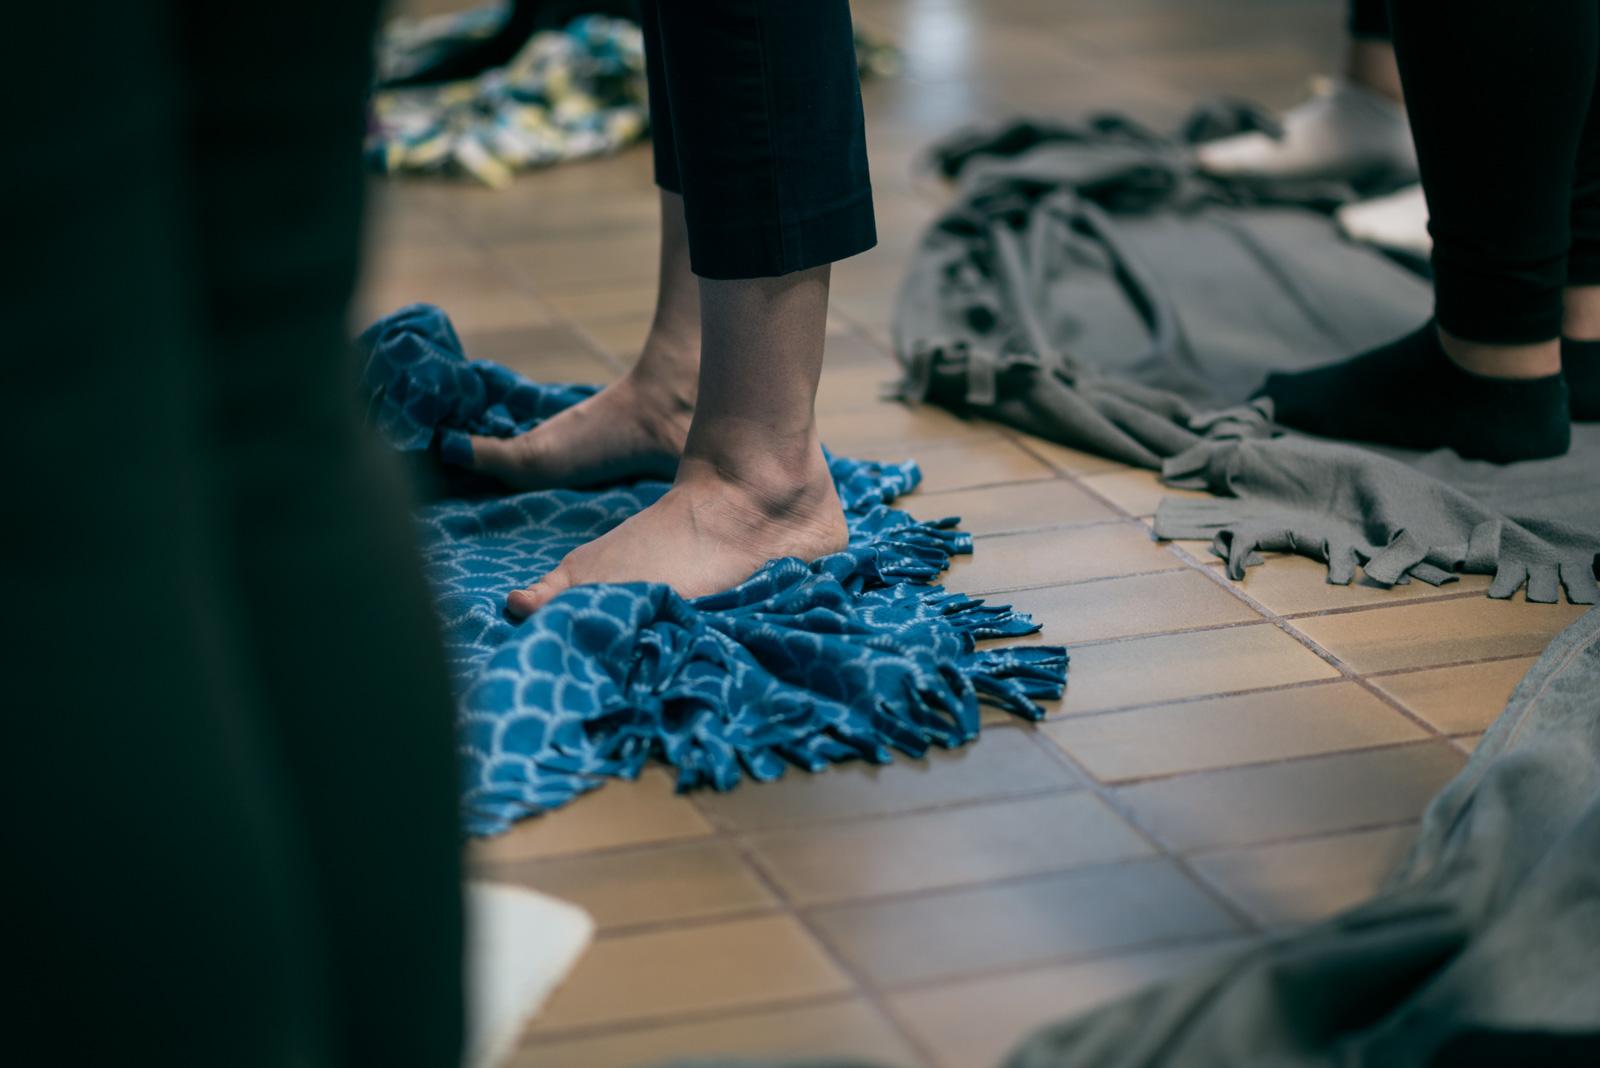 kairos-blanket-exercise-blog-15.jpg